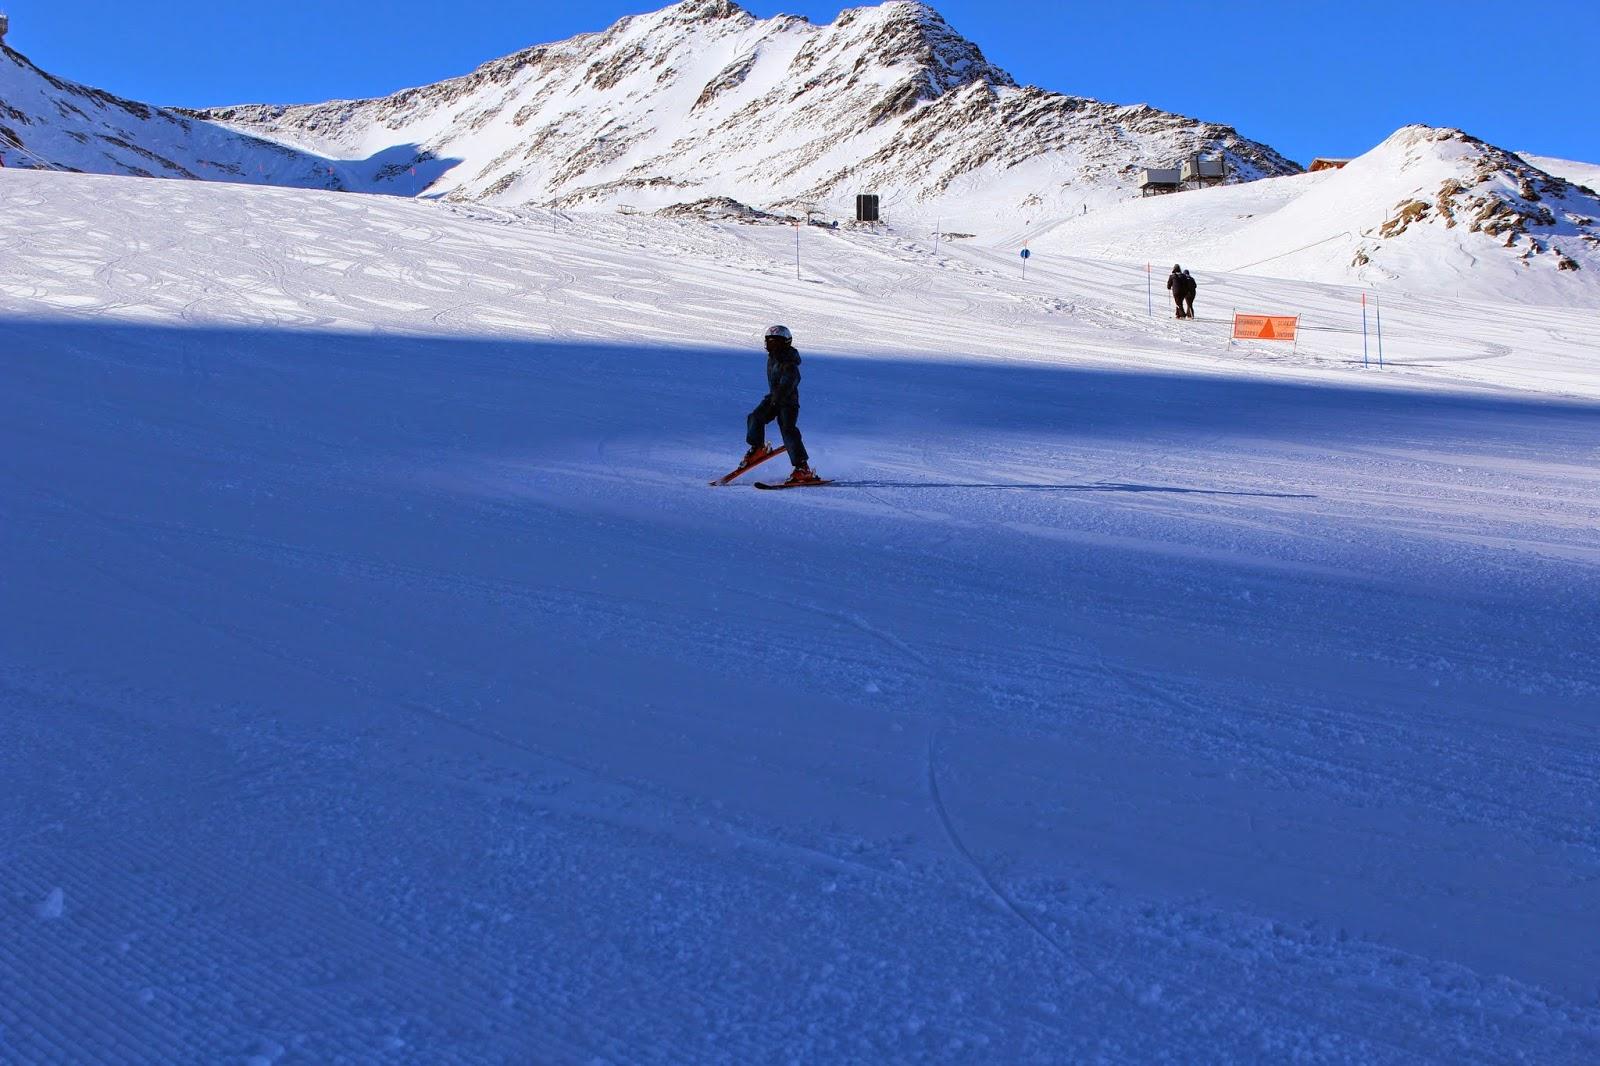 children ski mountain, slalom narciarski, blog lifestyle, snow foto, zdjęcia na sniegu, akrobacje na śniegu dzieci, polska szkółka maso corto